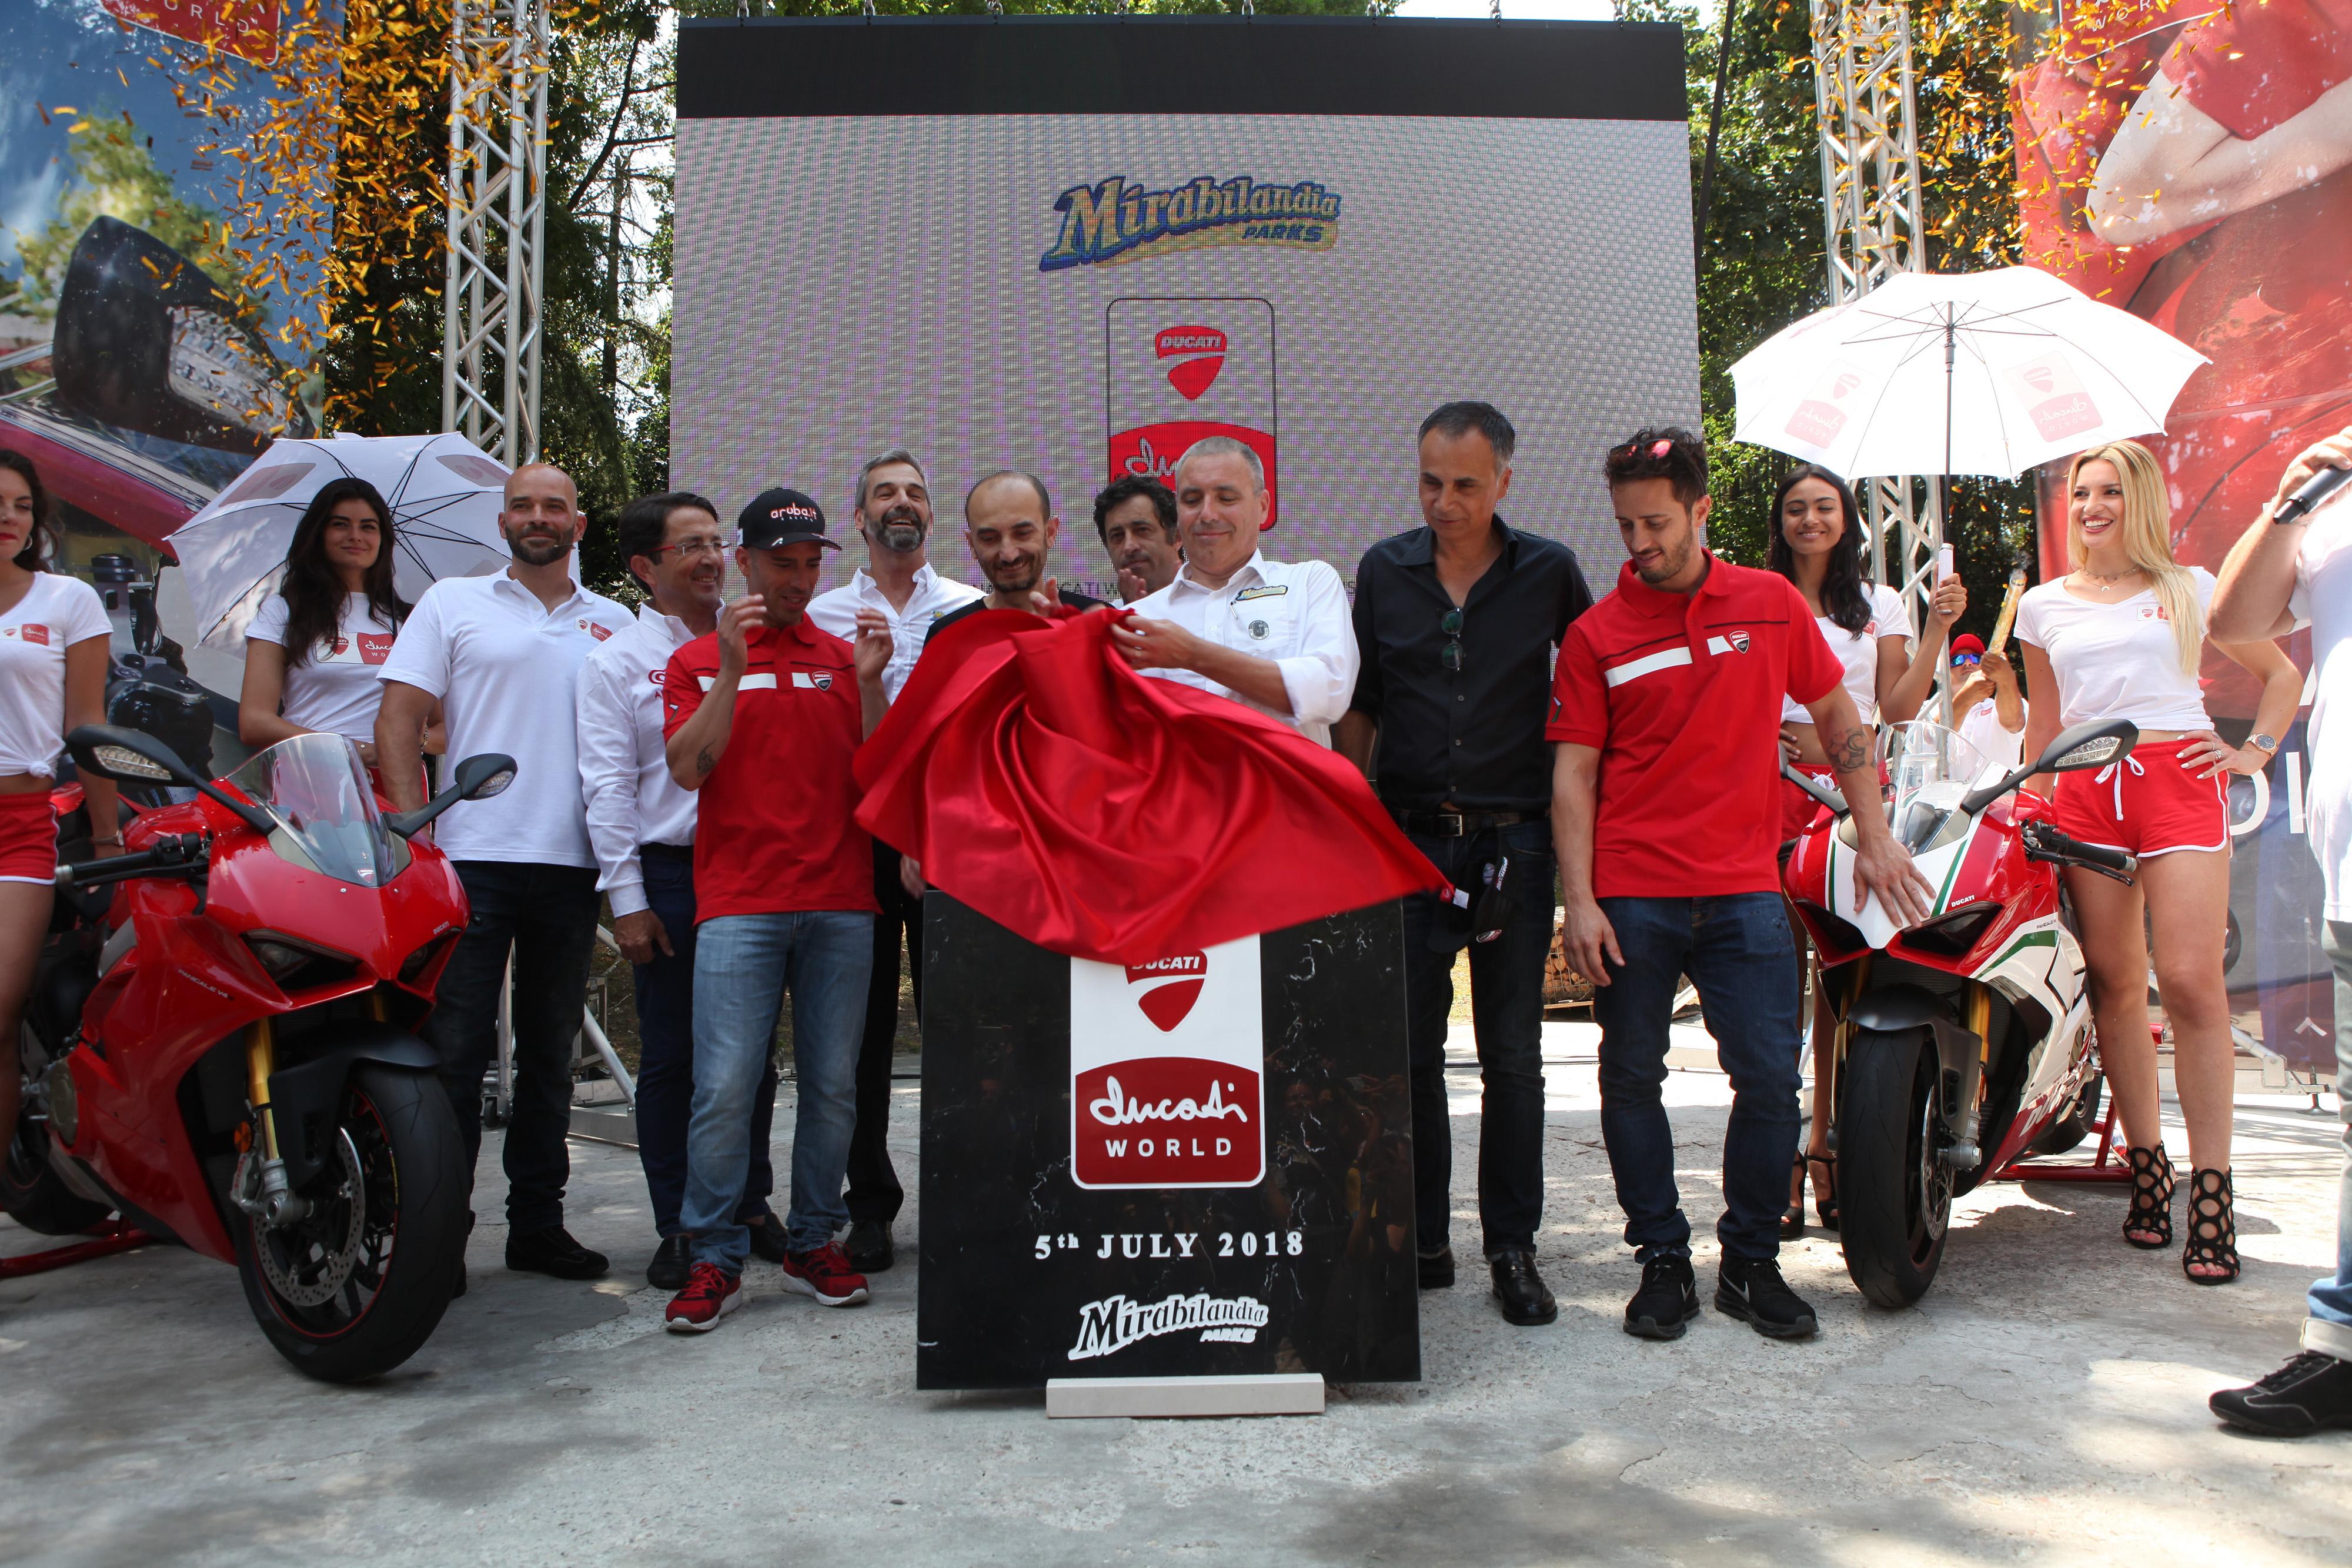 """220eb2d6369 Assente a primeira pedra do """"Ducati World"""" na Mirabilandia"""